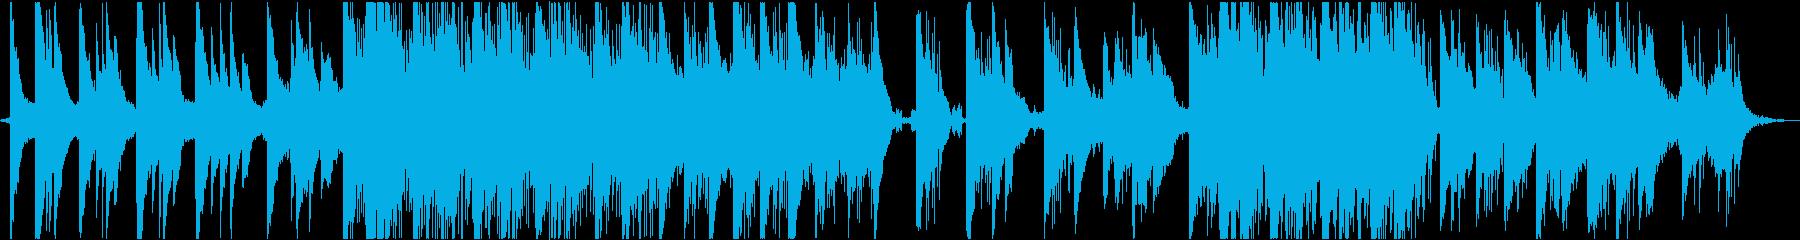 ピアノが印象的なインスタレーション音楽3の再生済みの波形